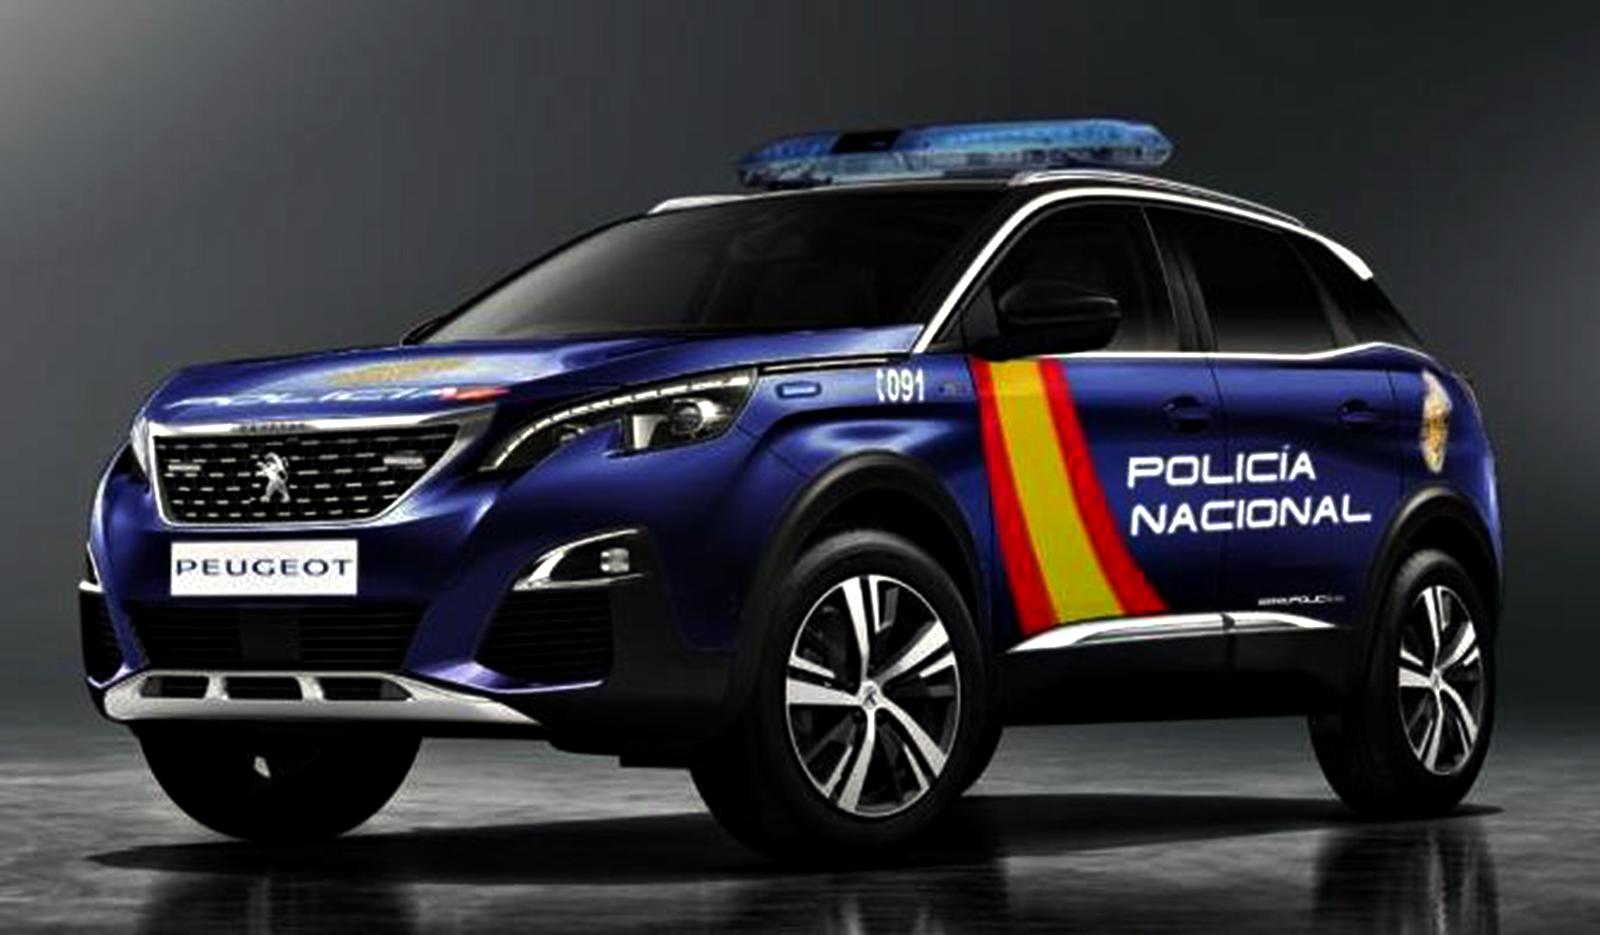 Suv Híbridos Policia Nacional (1)